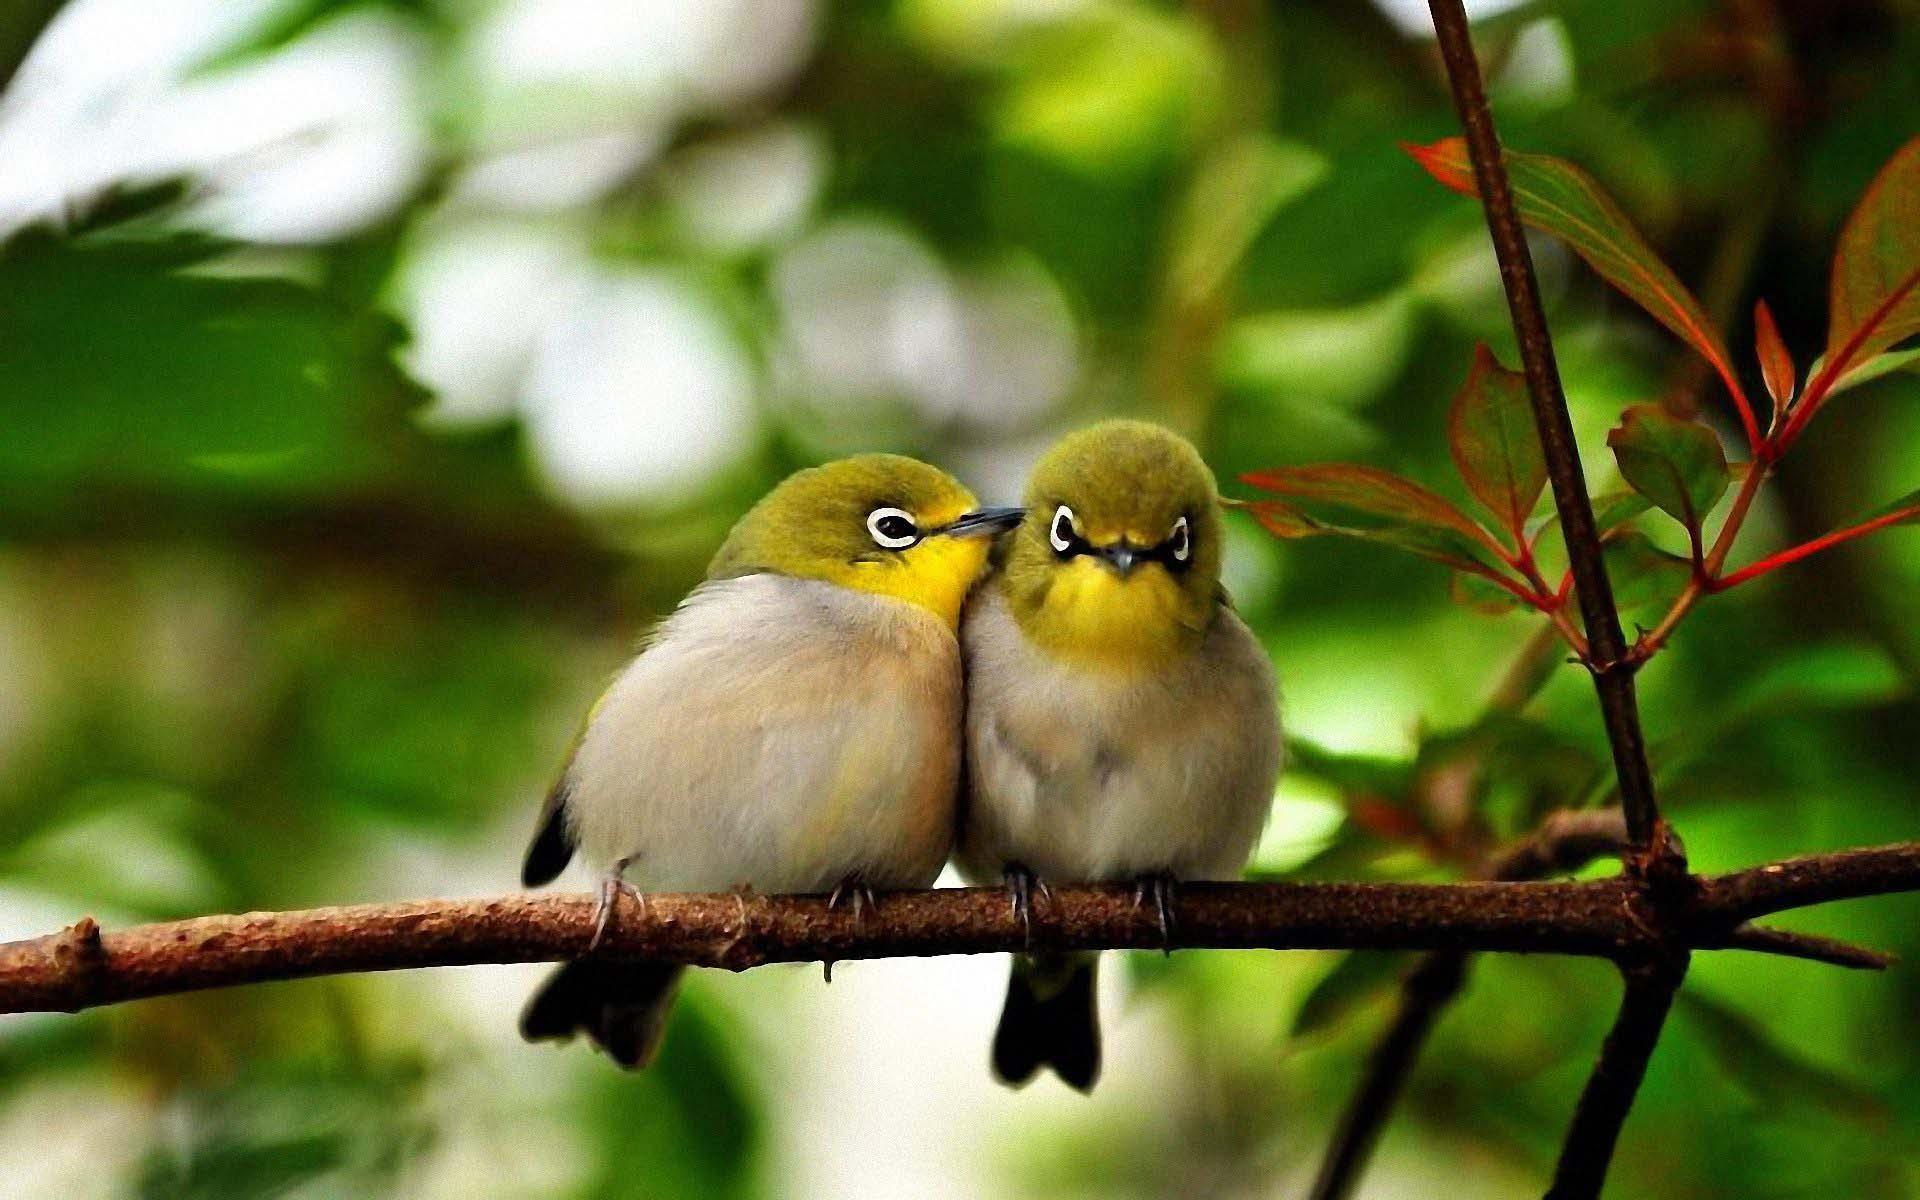 Hình nền đôi chim dễ thương nhất